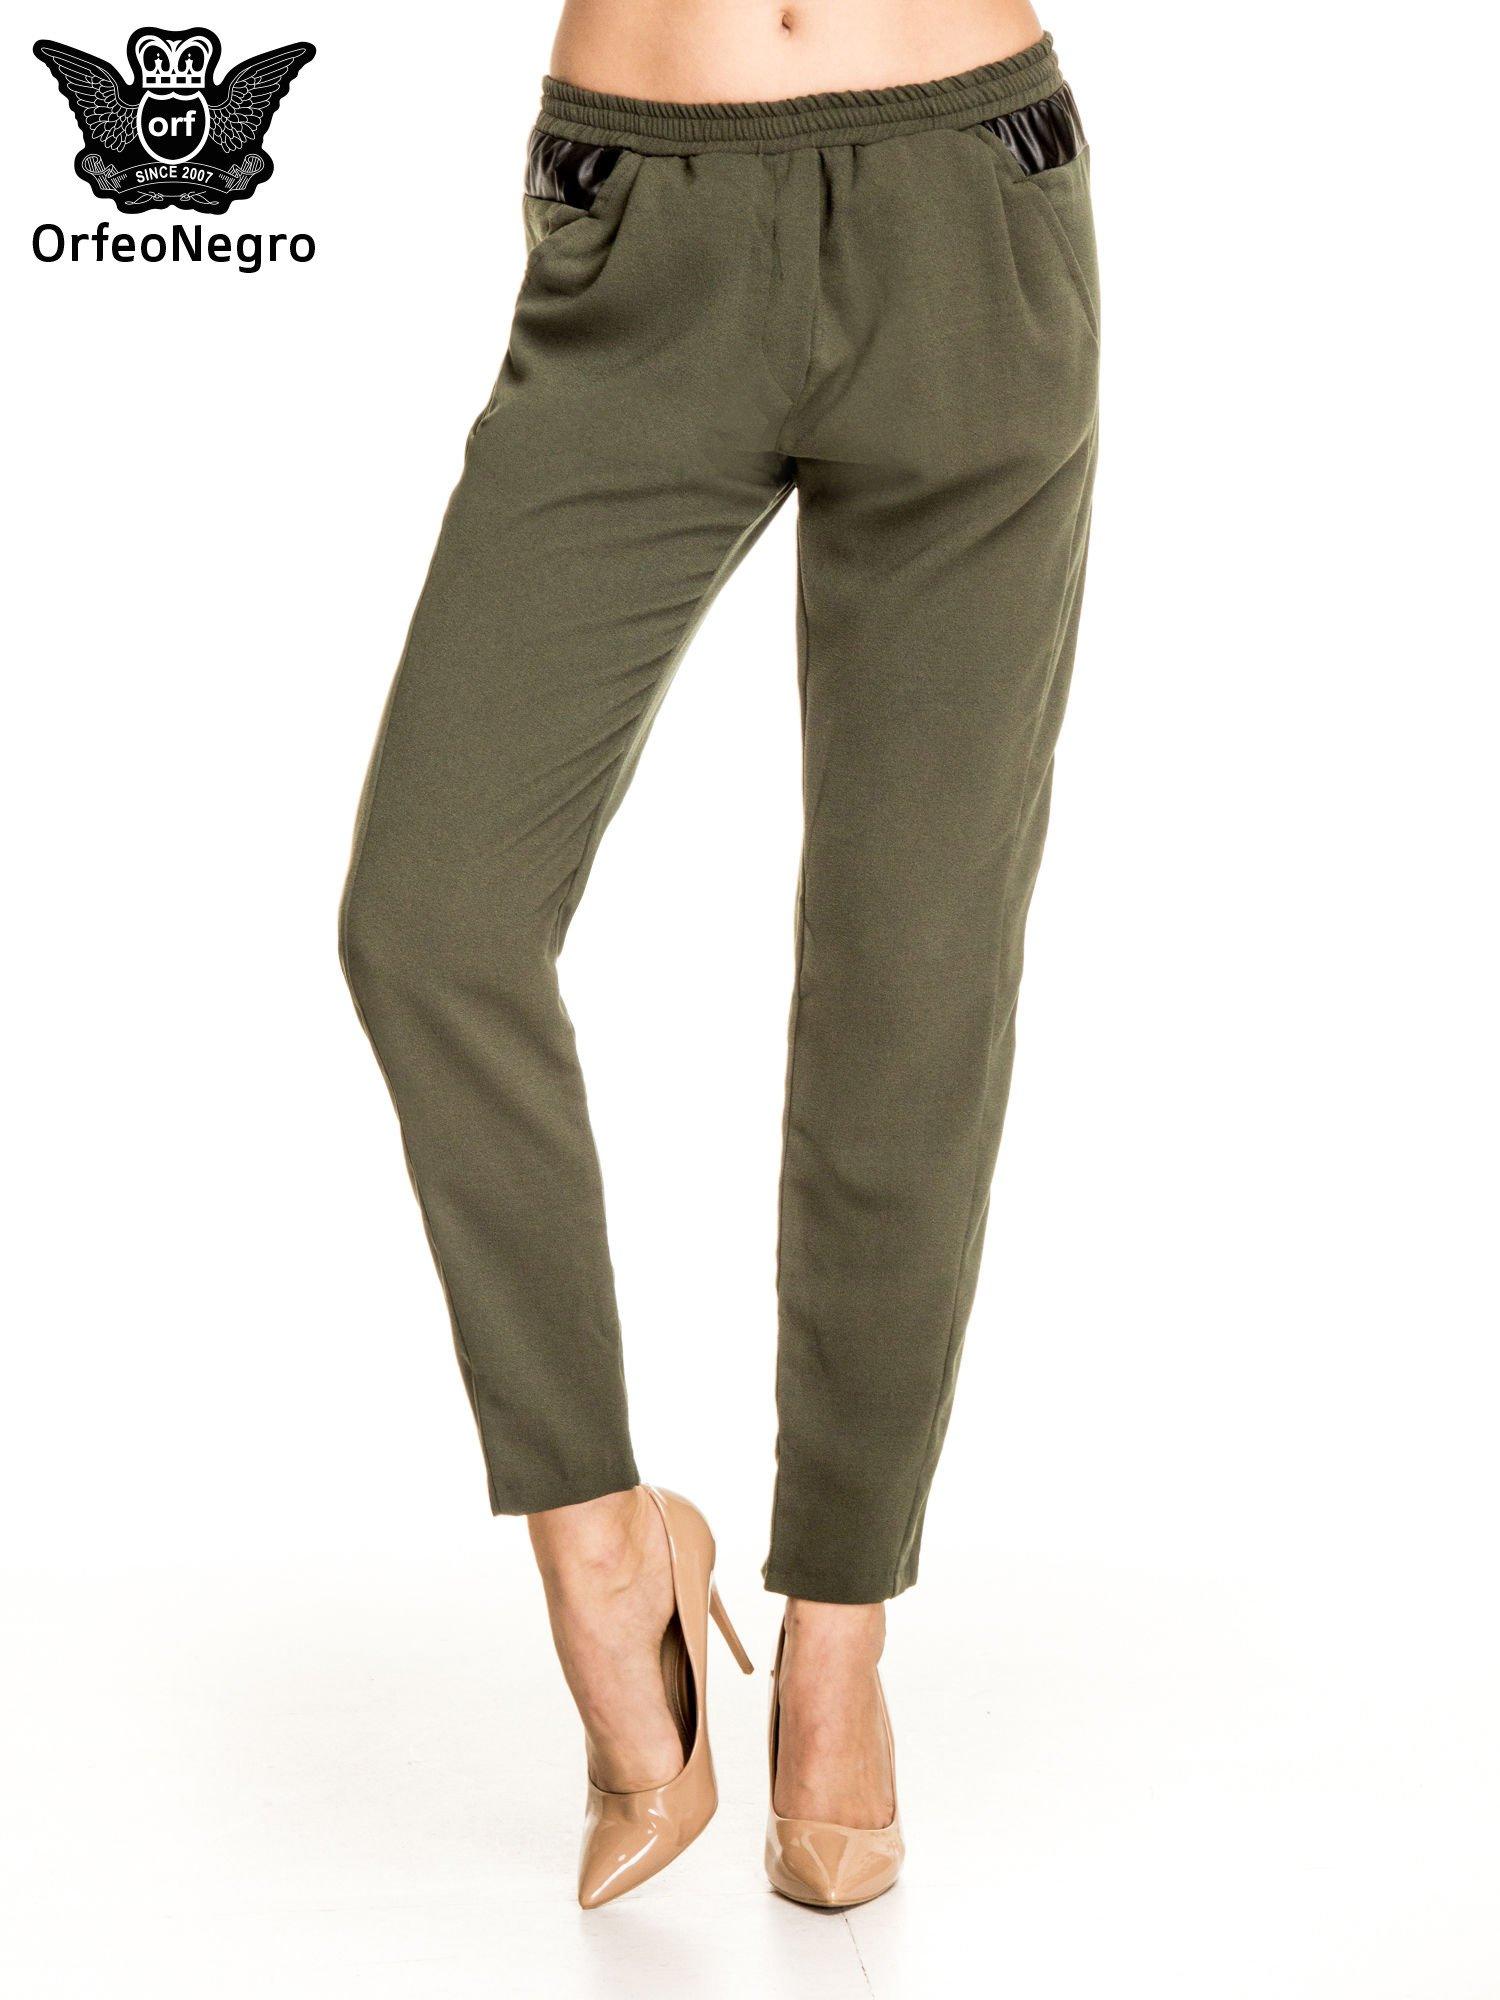 Khaki spodnie materiałowe ze skórzaną wstawką                                   zdj.                                  1